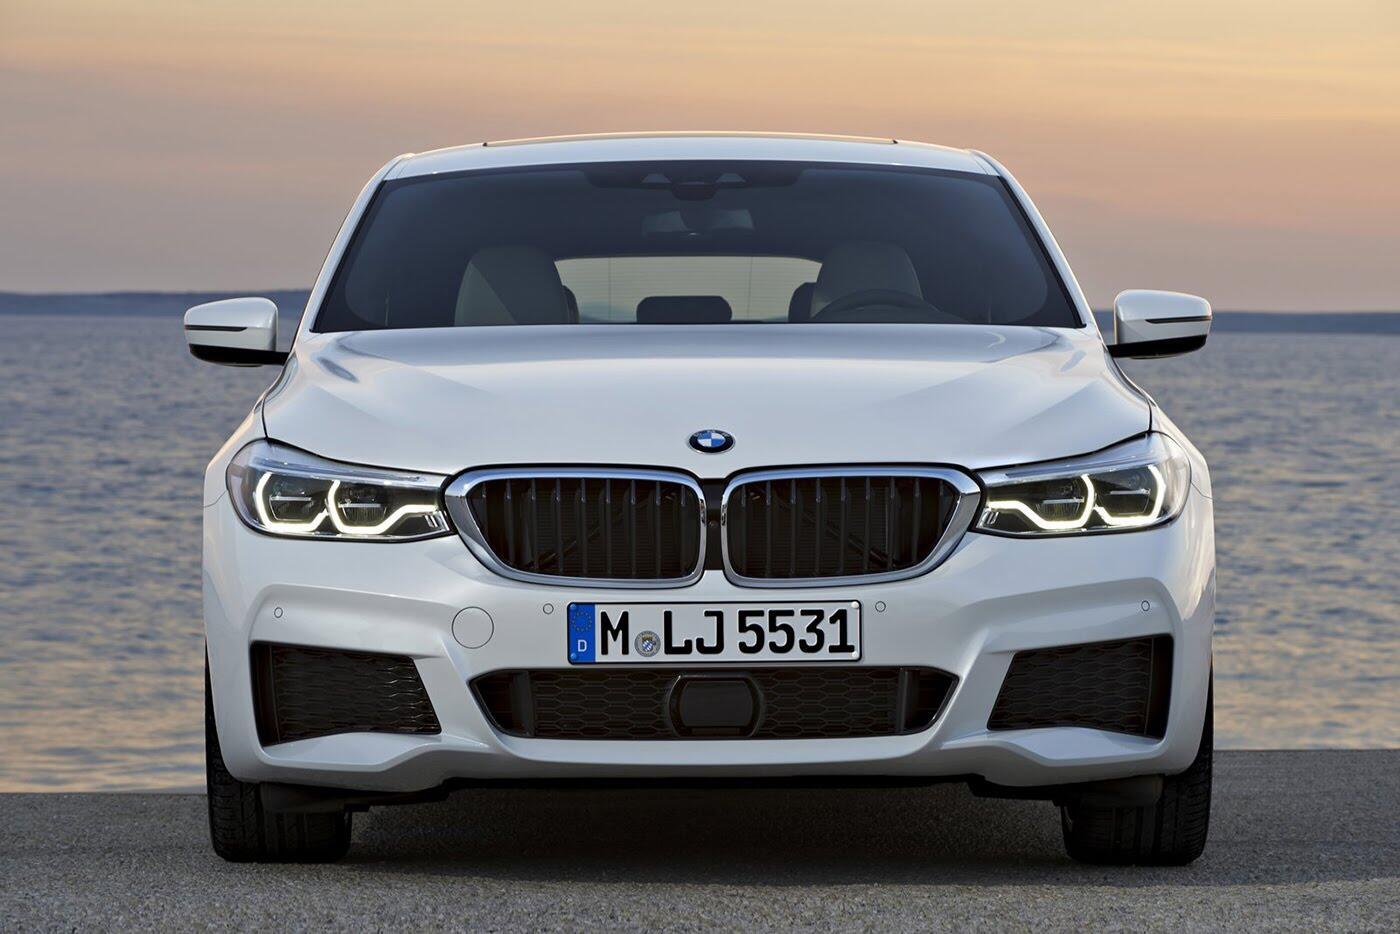 Xem thêm ảnh BMW 6-Series Gran Turismo 2018 - Hình 3